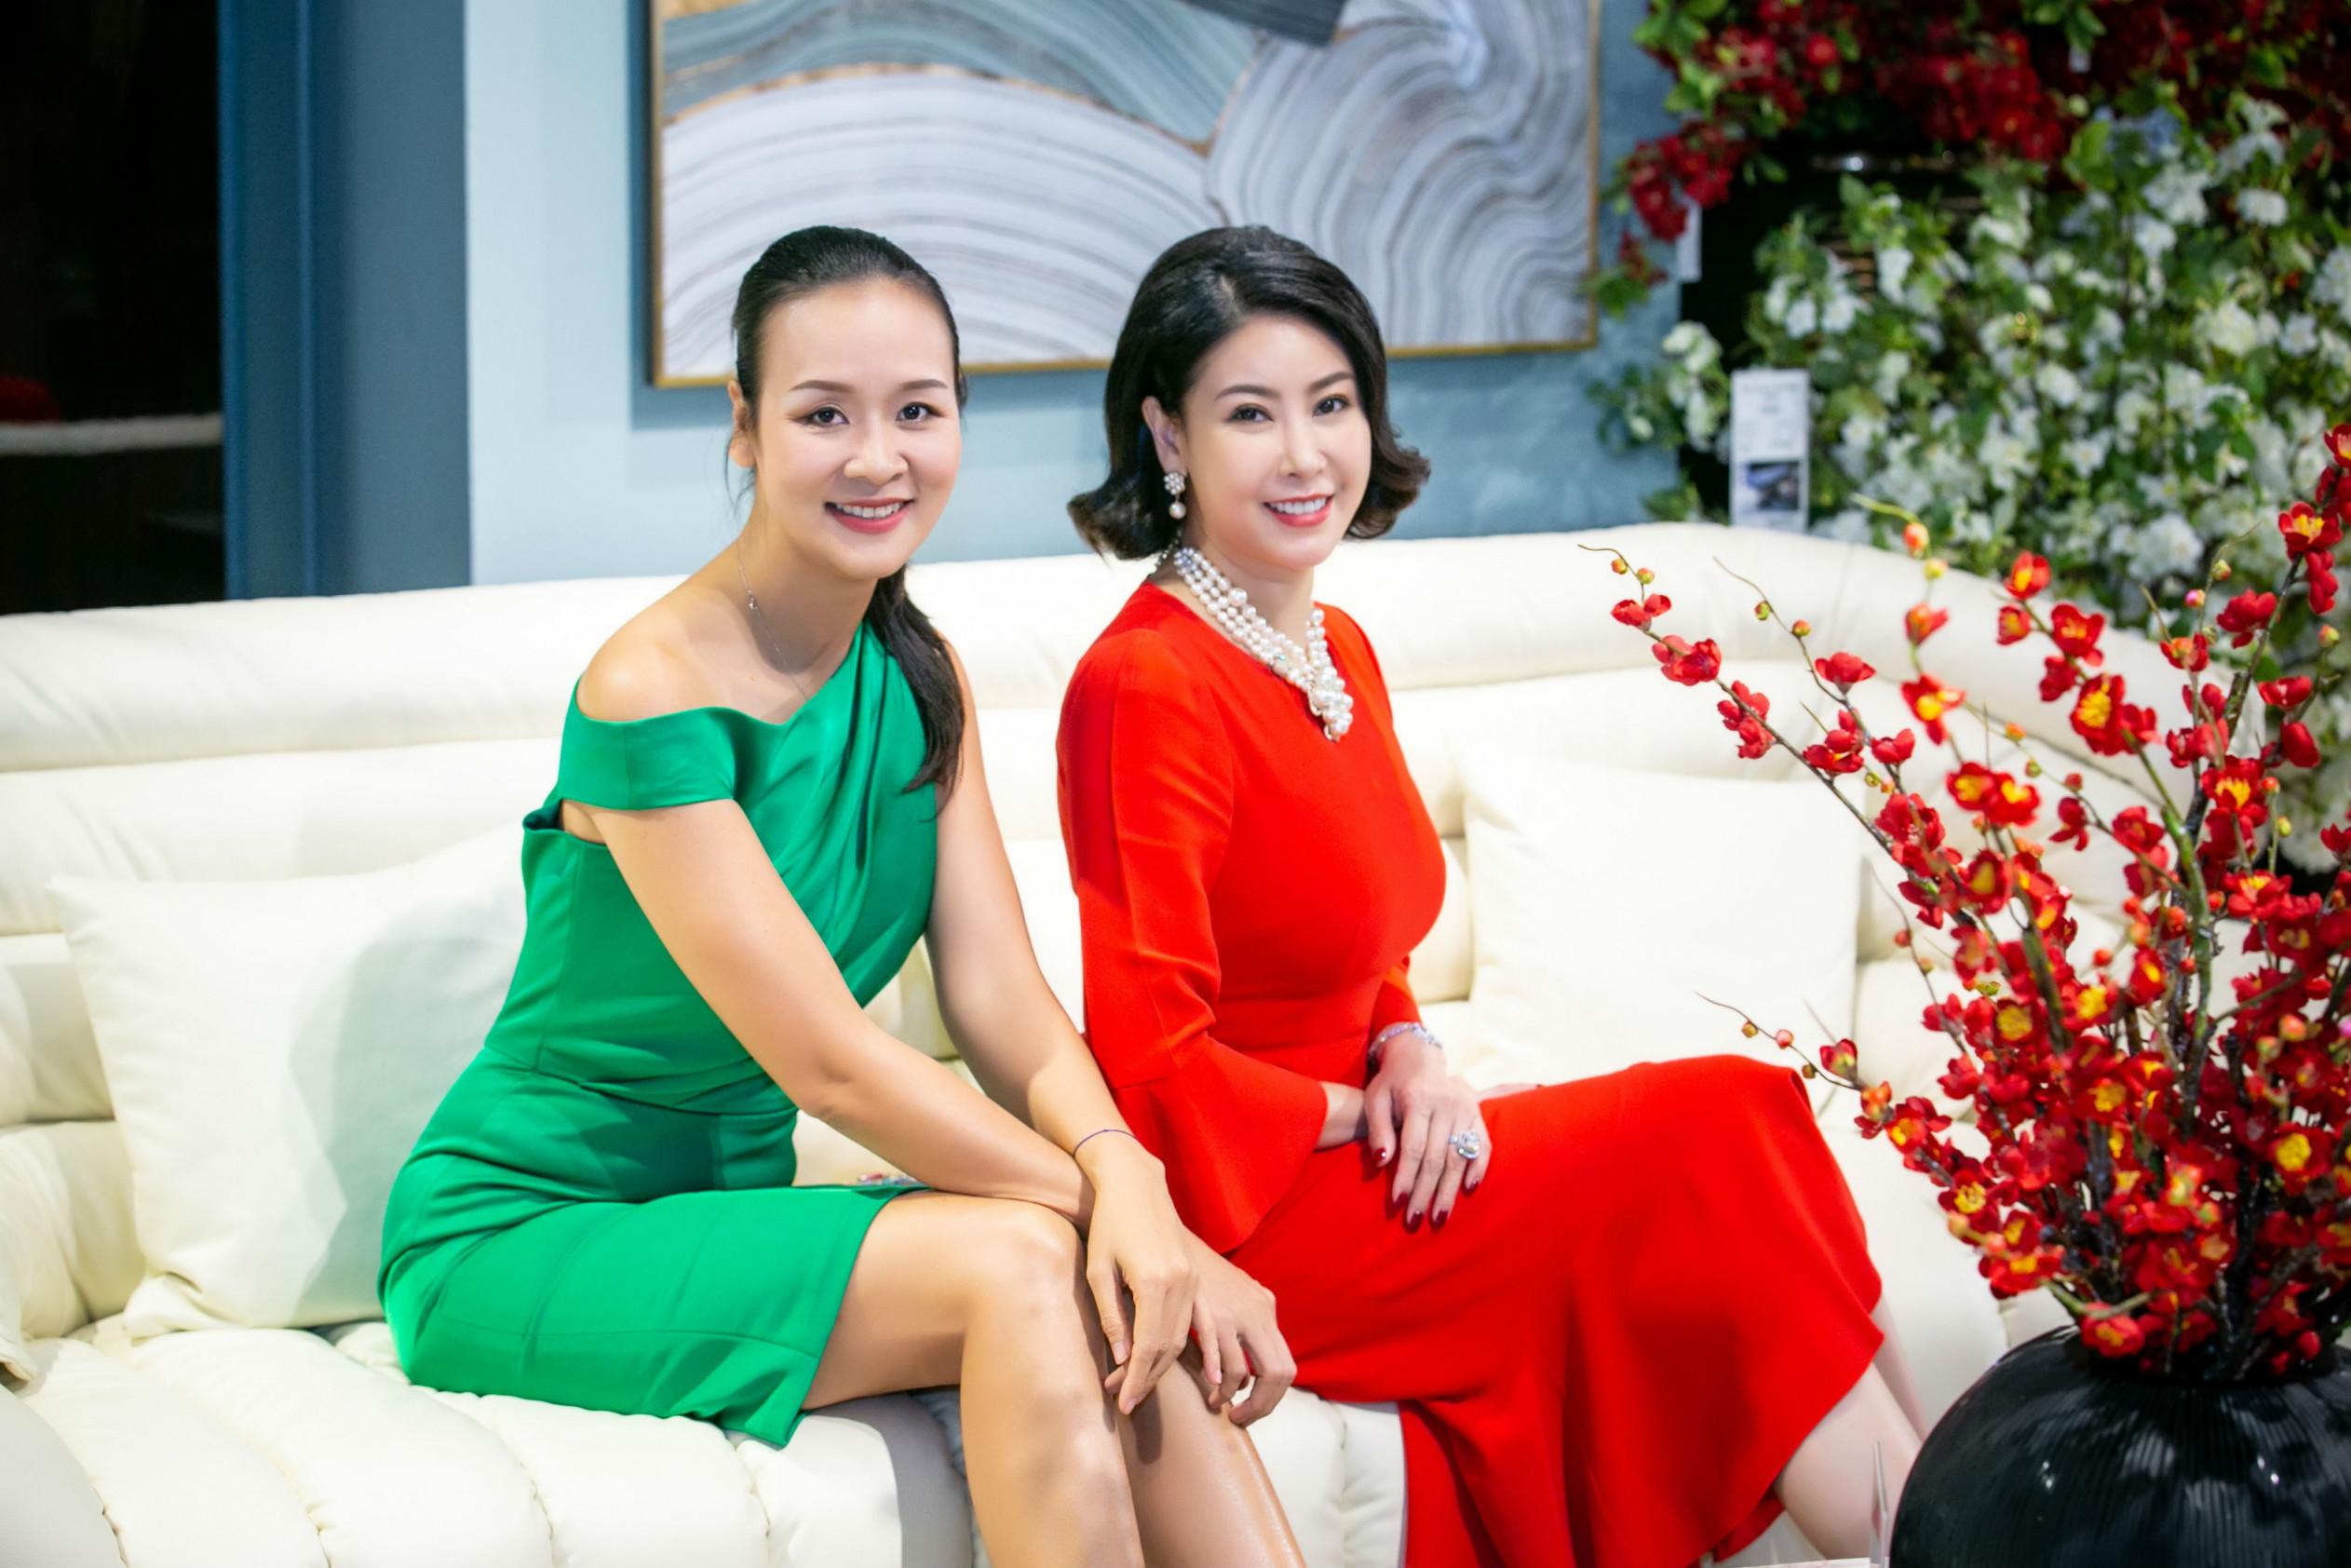 Dù đã ở tuổi tứ tuần nhưng hai người đẹp vẫn giữ được nhan sắc trẻ trung, rạng rỡ.